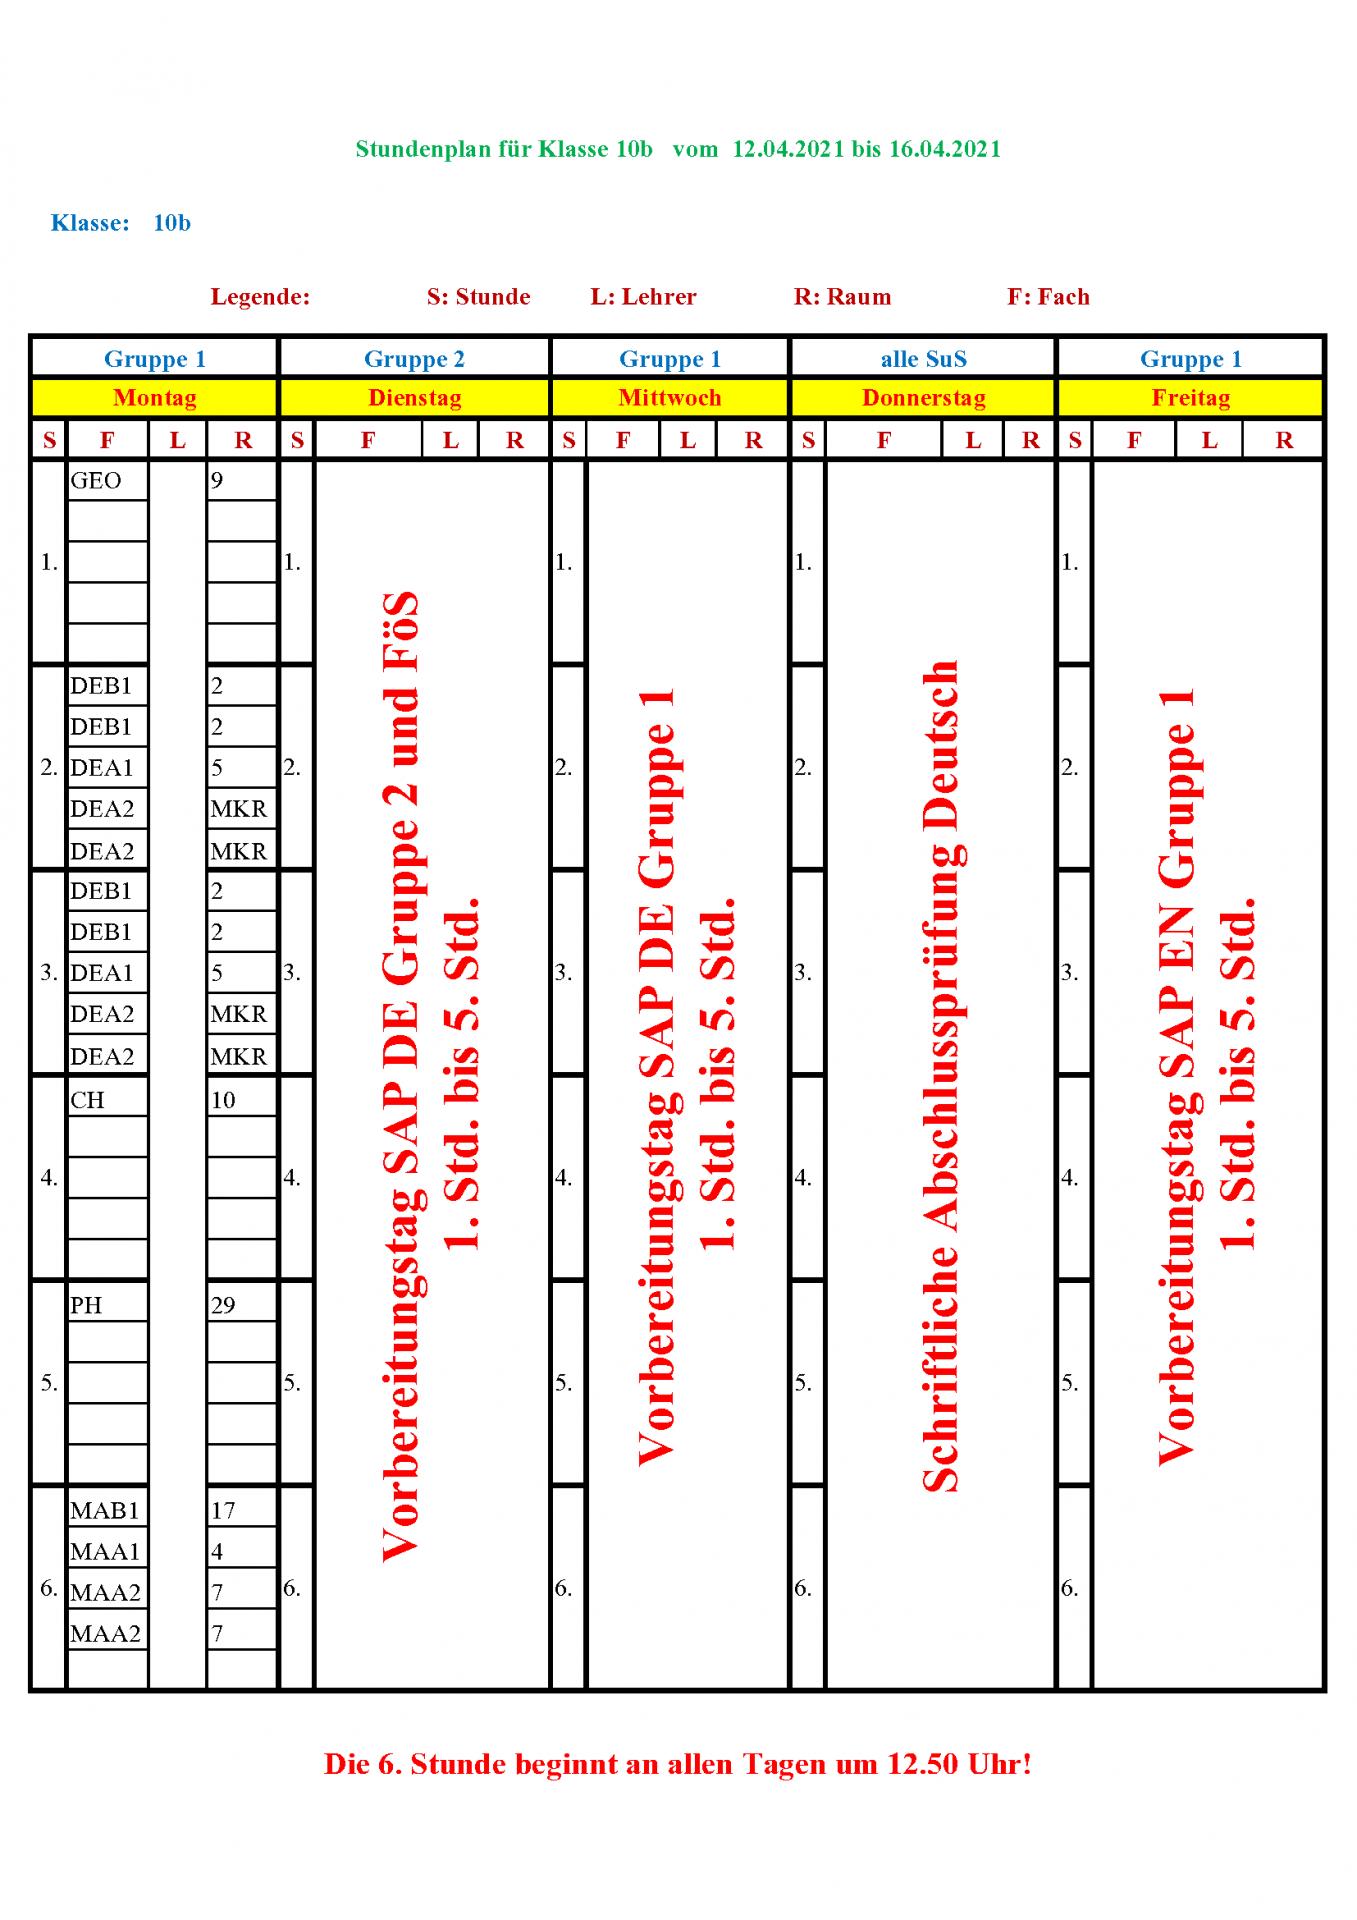 Sonderplan 10b vom 12.04.2021 bis 16.04.2021